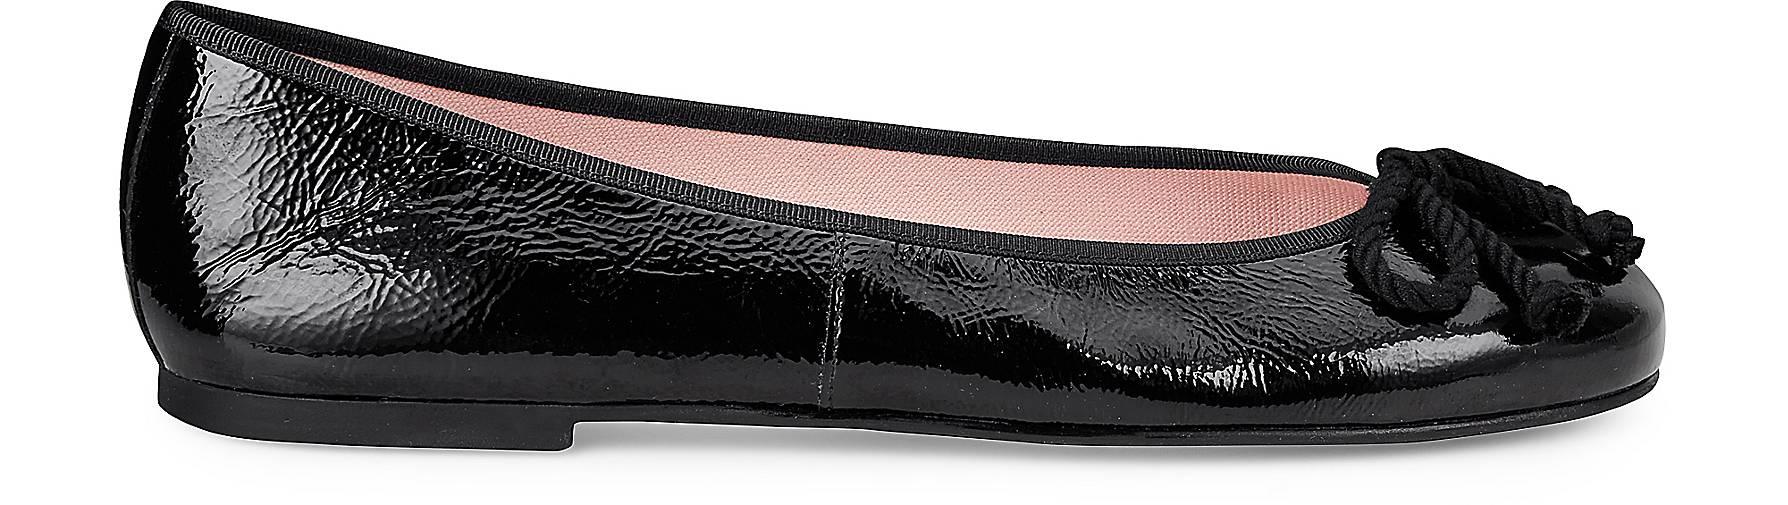 Pretty Ballerinas Ballerina Ballerina Ballerina RosaRIO in schwarz kaufen - 66464004 GÖRTZ Gute Qualität beliebte Schuhe 513760